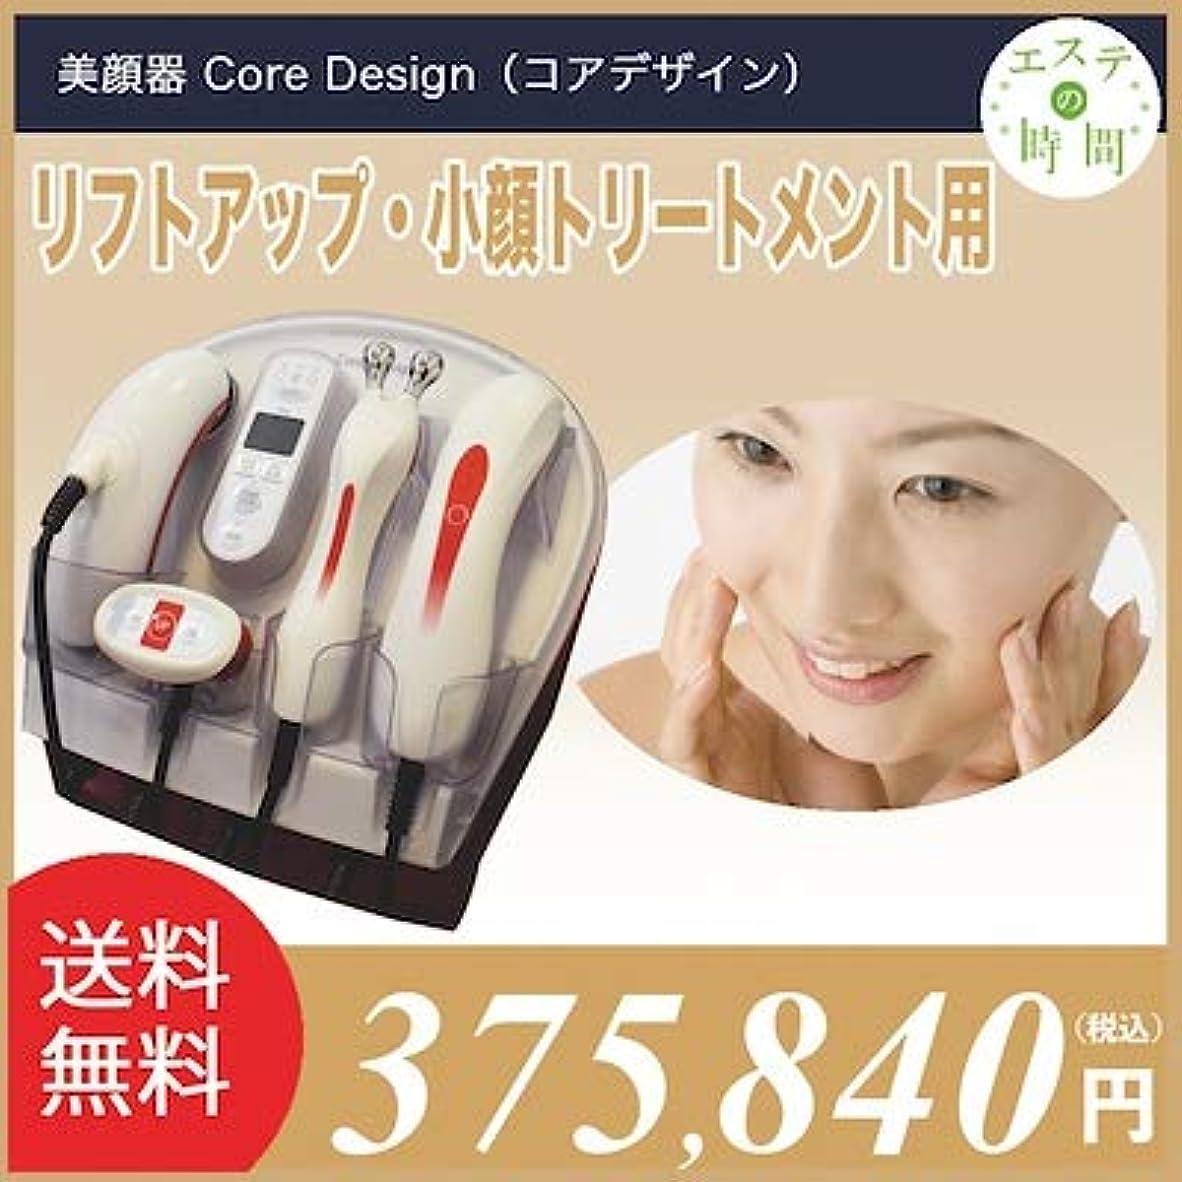 日本製 エステ業務用 美顔器 Core Design (コアデザイン)/ 全国どこでも無償納品研修付